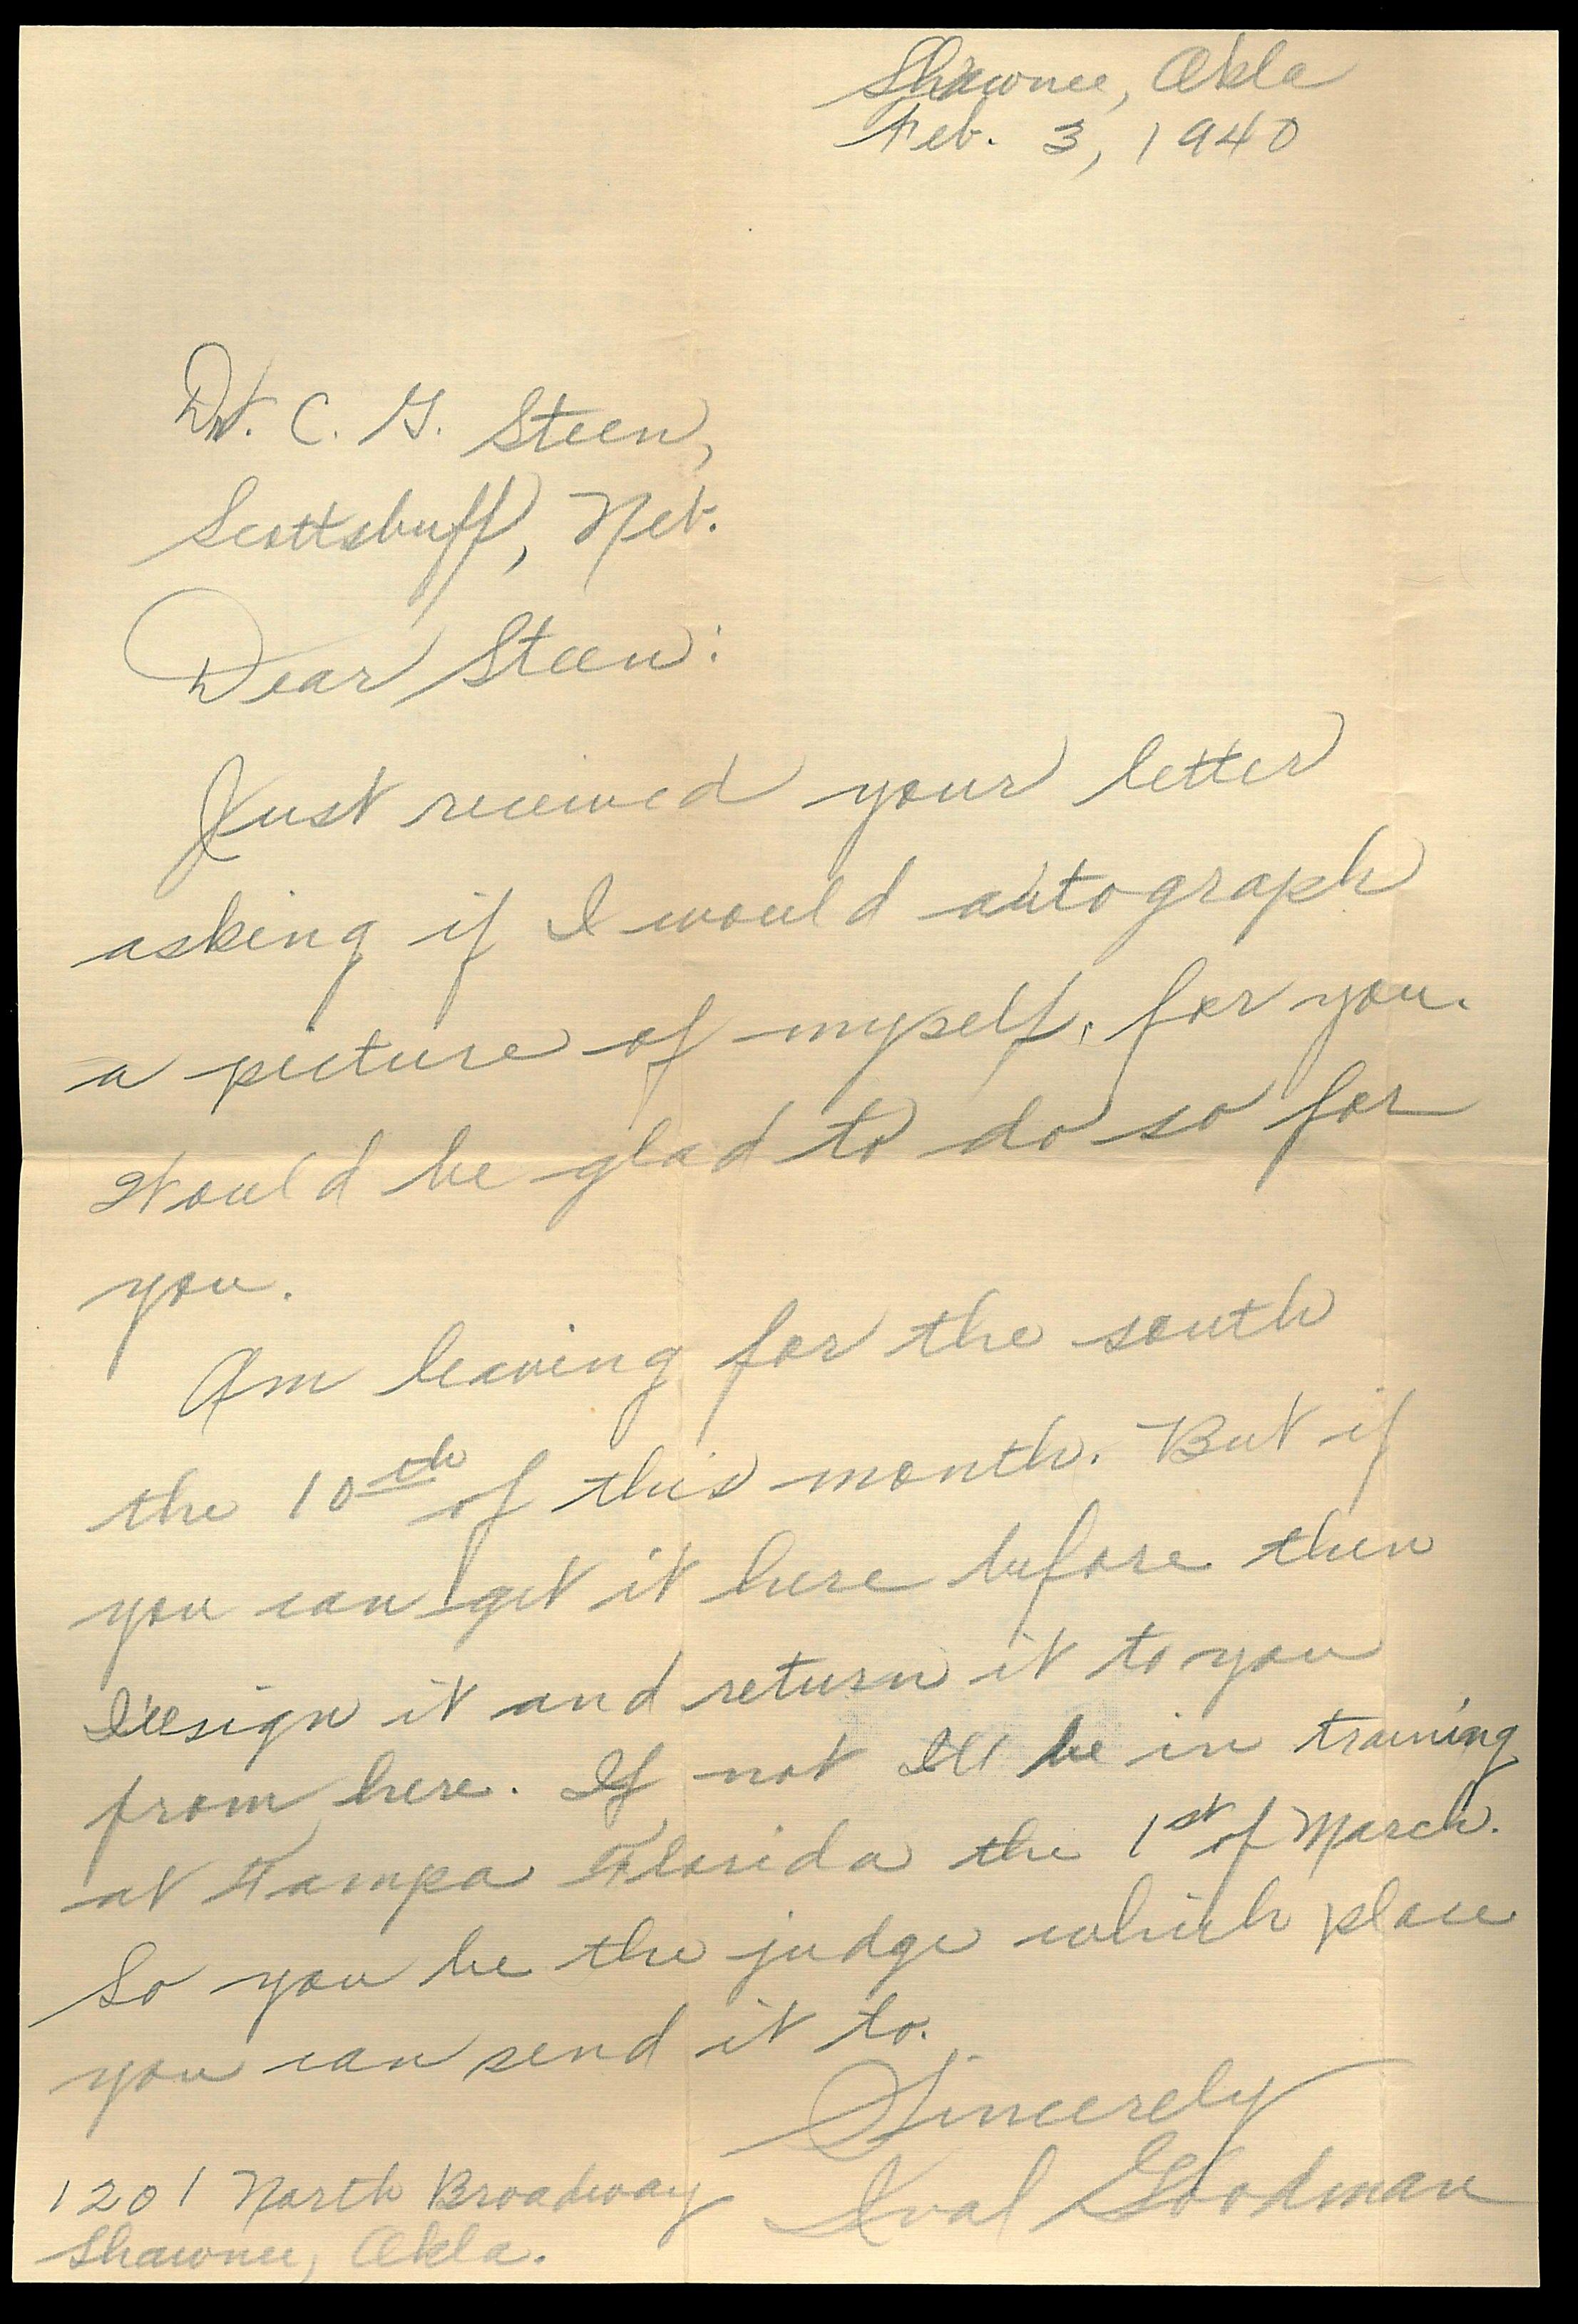 Goodman Letter.jpg